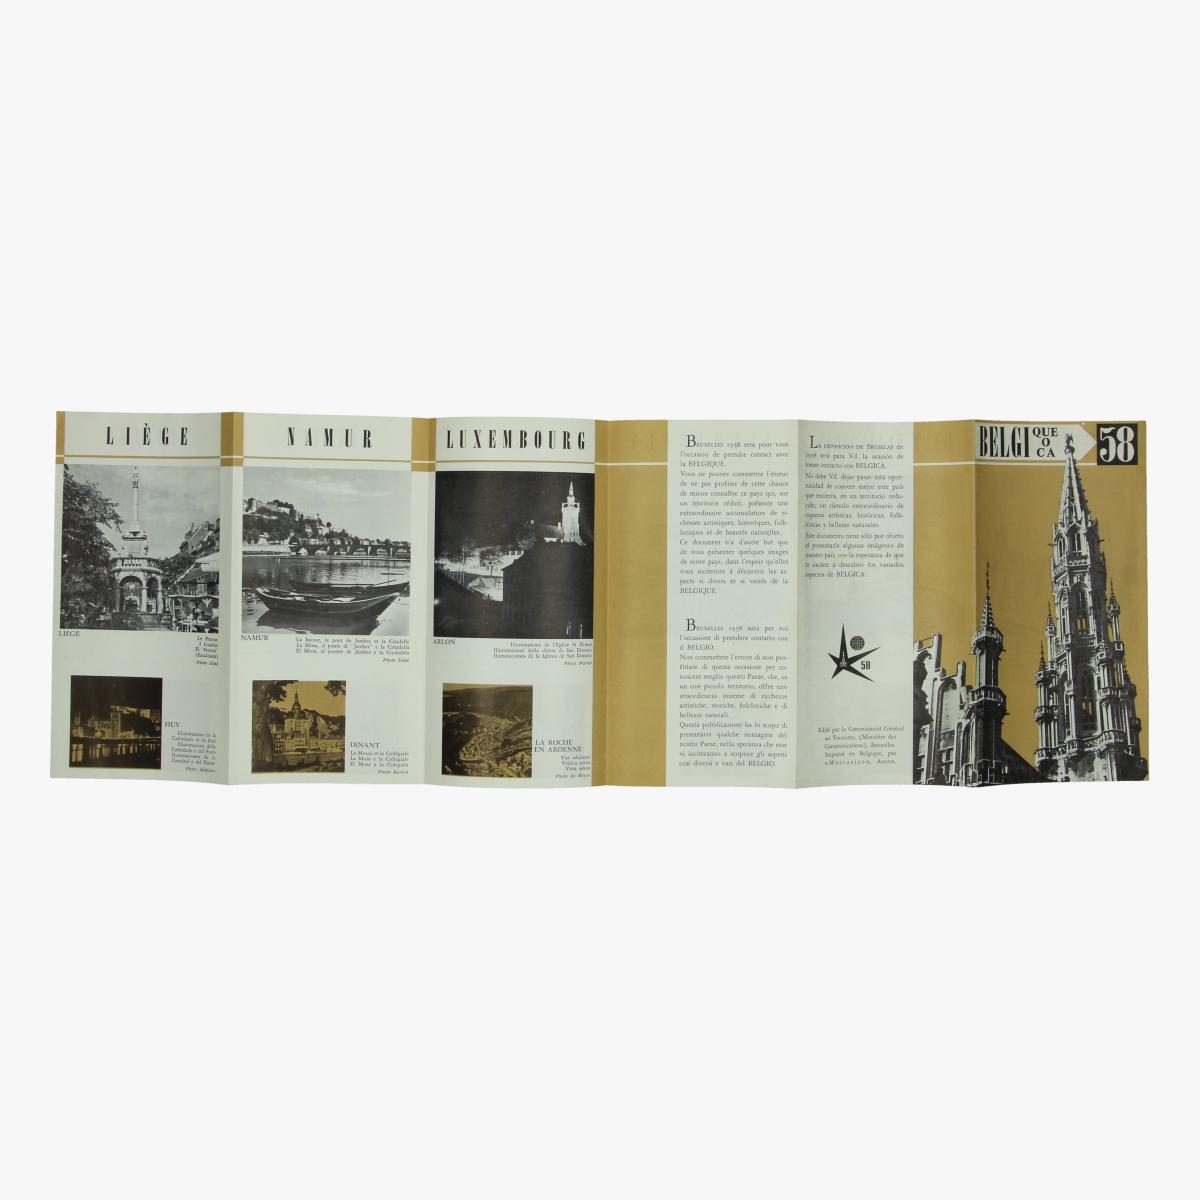 Afbeeldingen van expo 58 folder belgique overzicht belgie